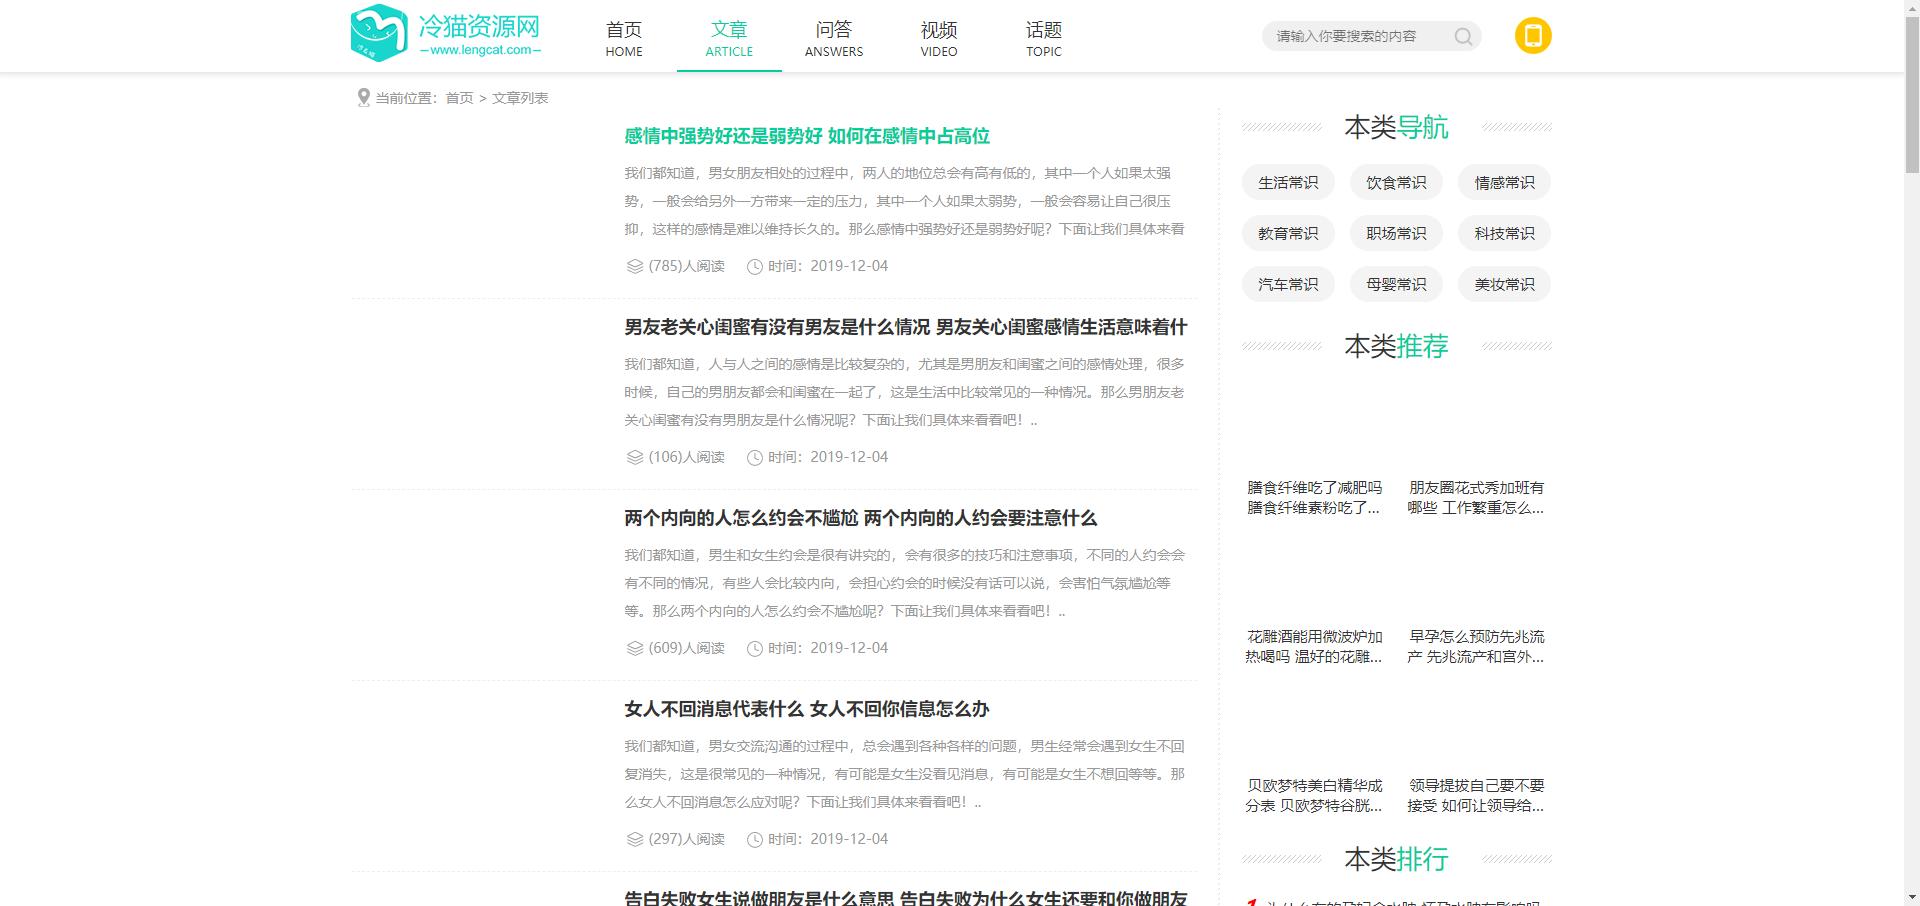 亲测丨免费下载 帝国CMS仿趣丁网PC+手机模板 附搭建文档